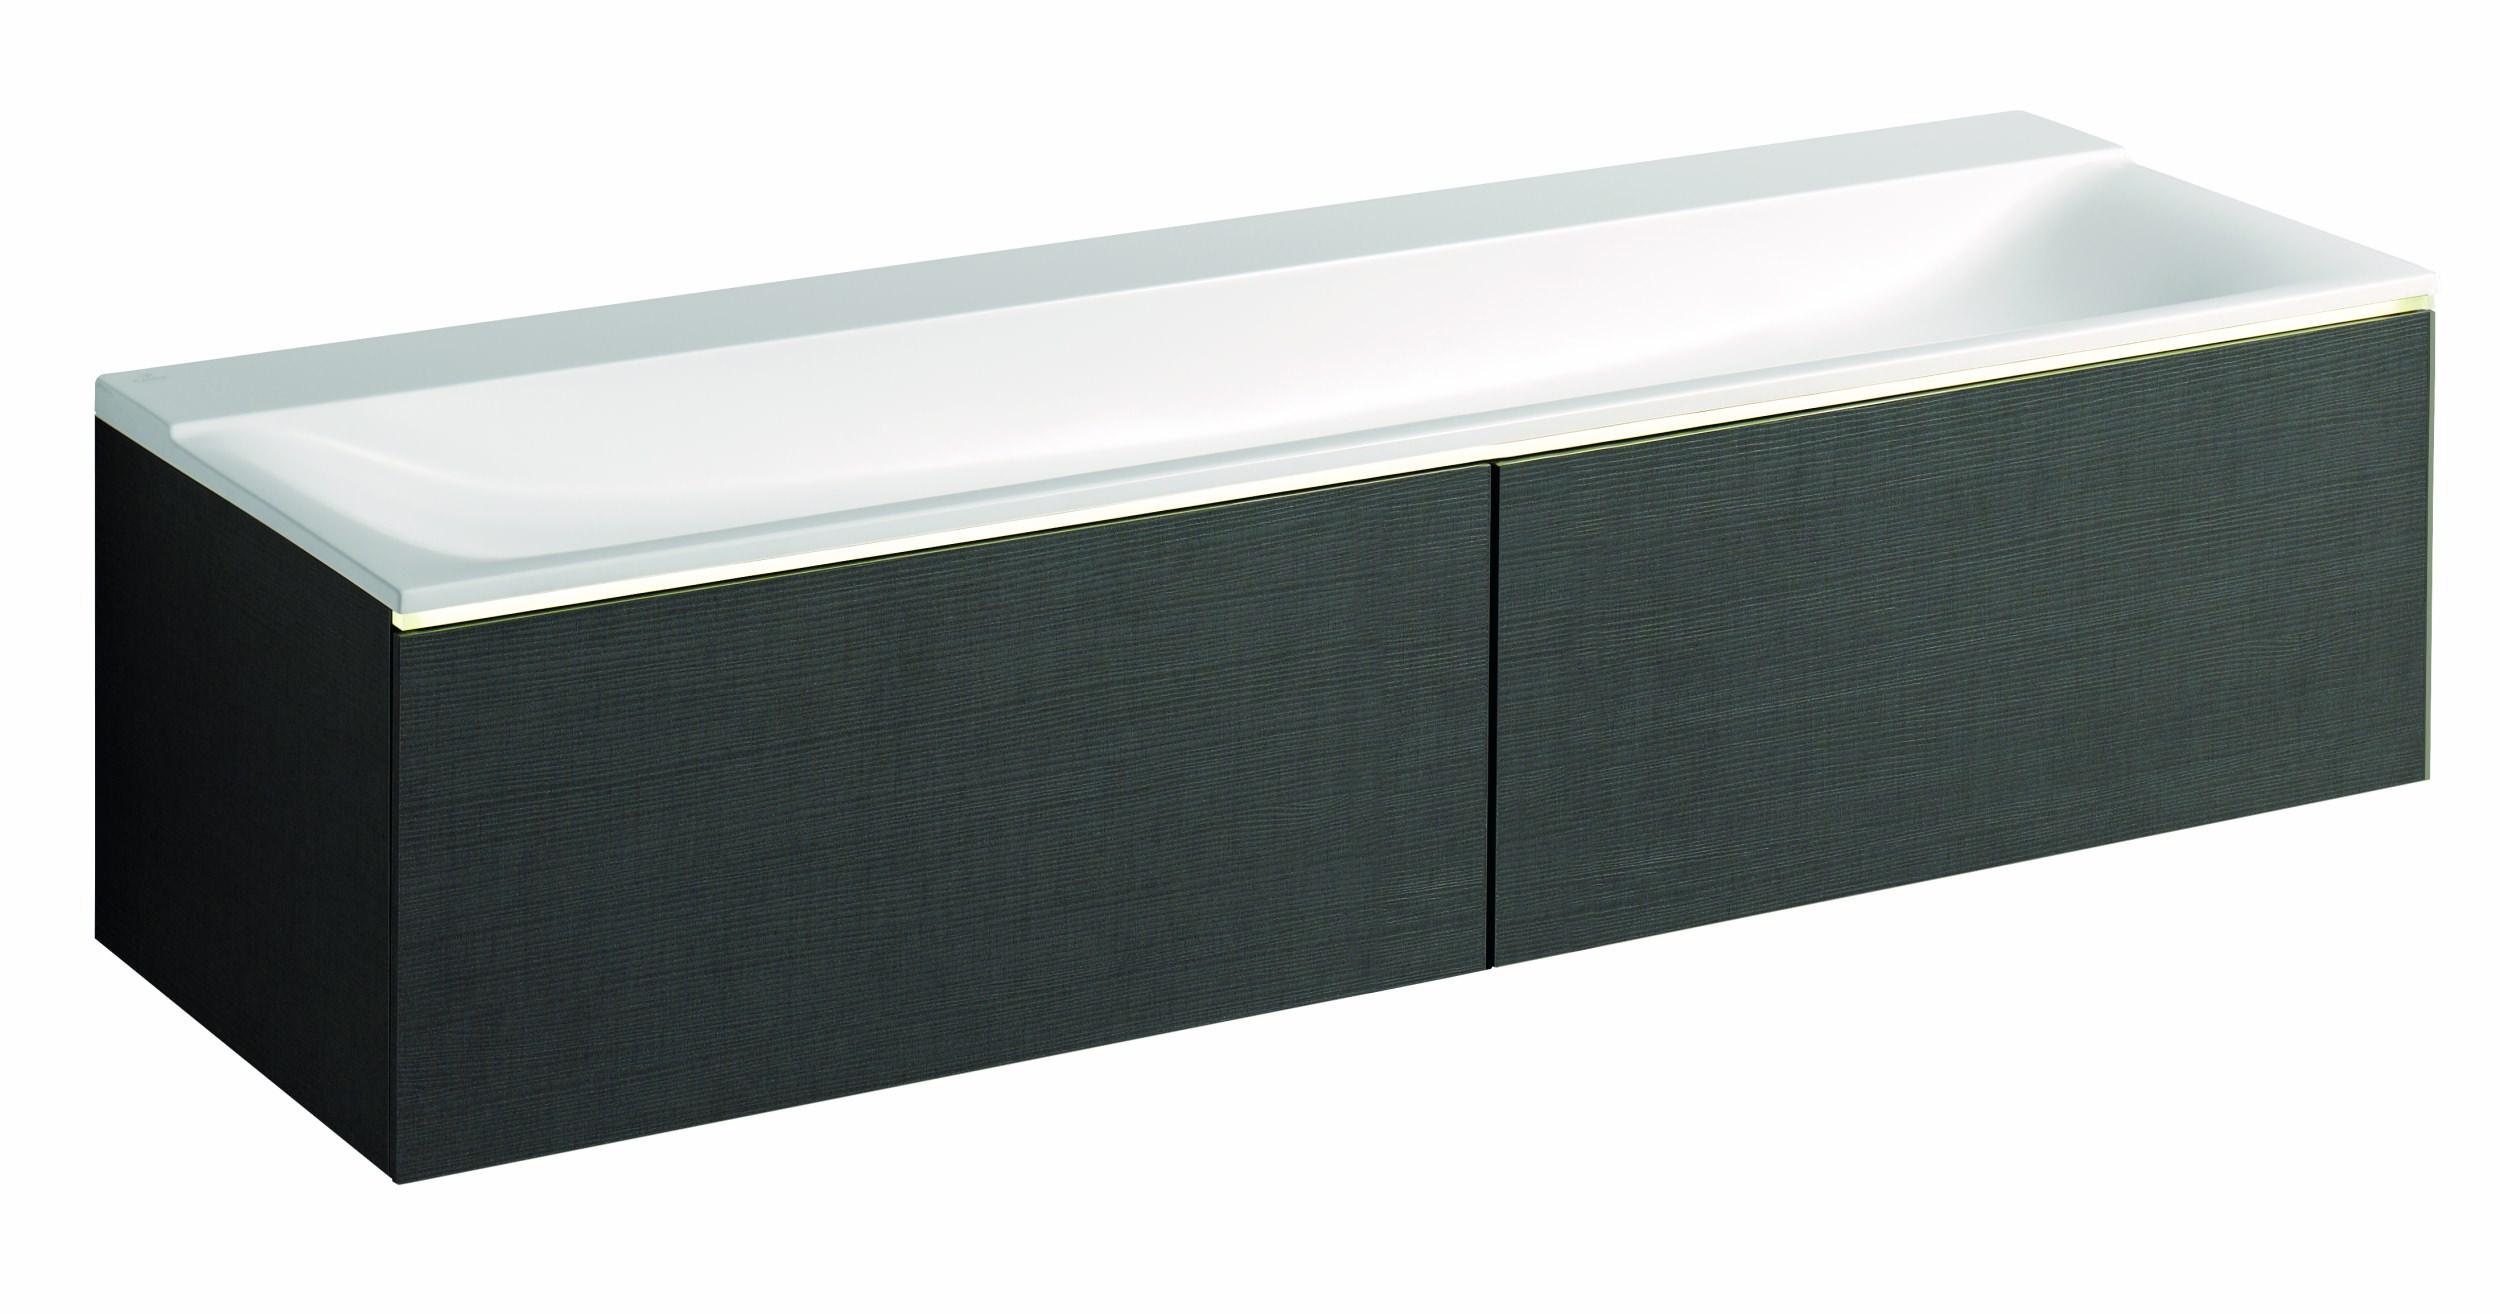 keramag xeno2 waschtisch 1600x480mm varicor ohne hahnloch. Black Bedroom Furniture Sets. Home Design Ideas